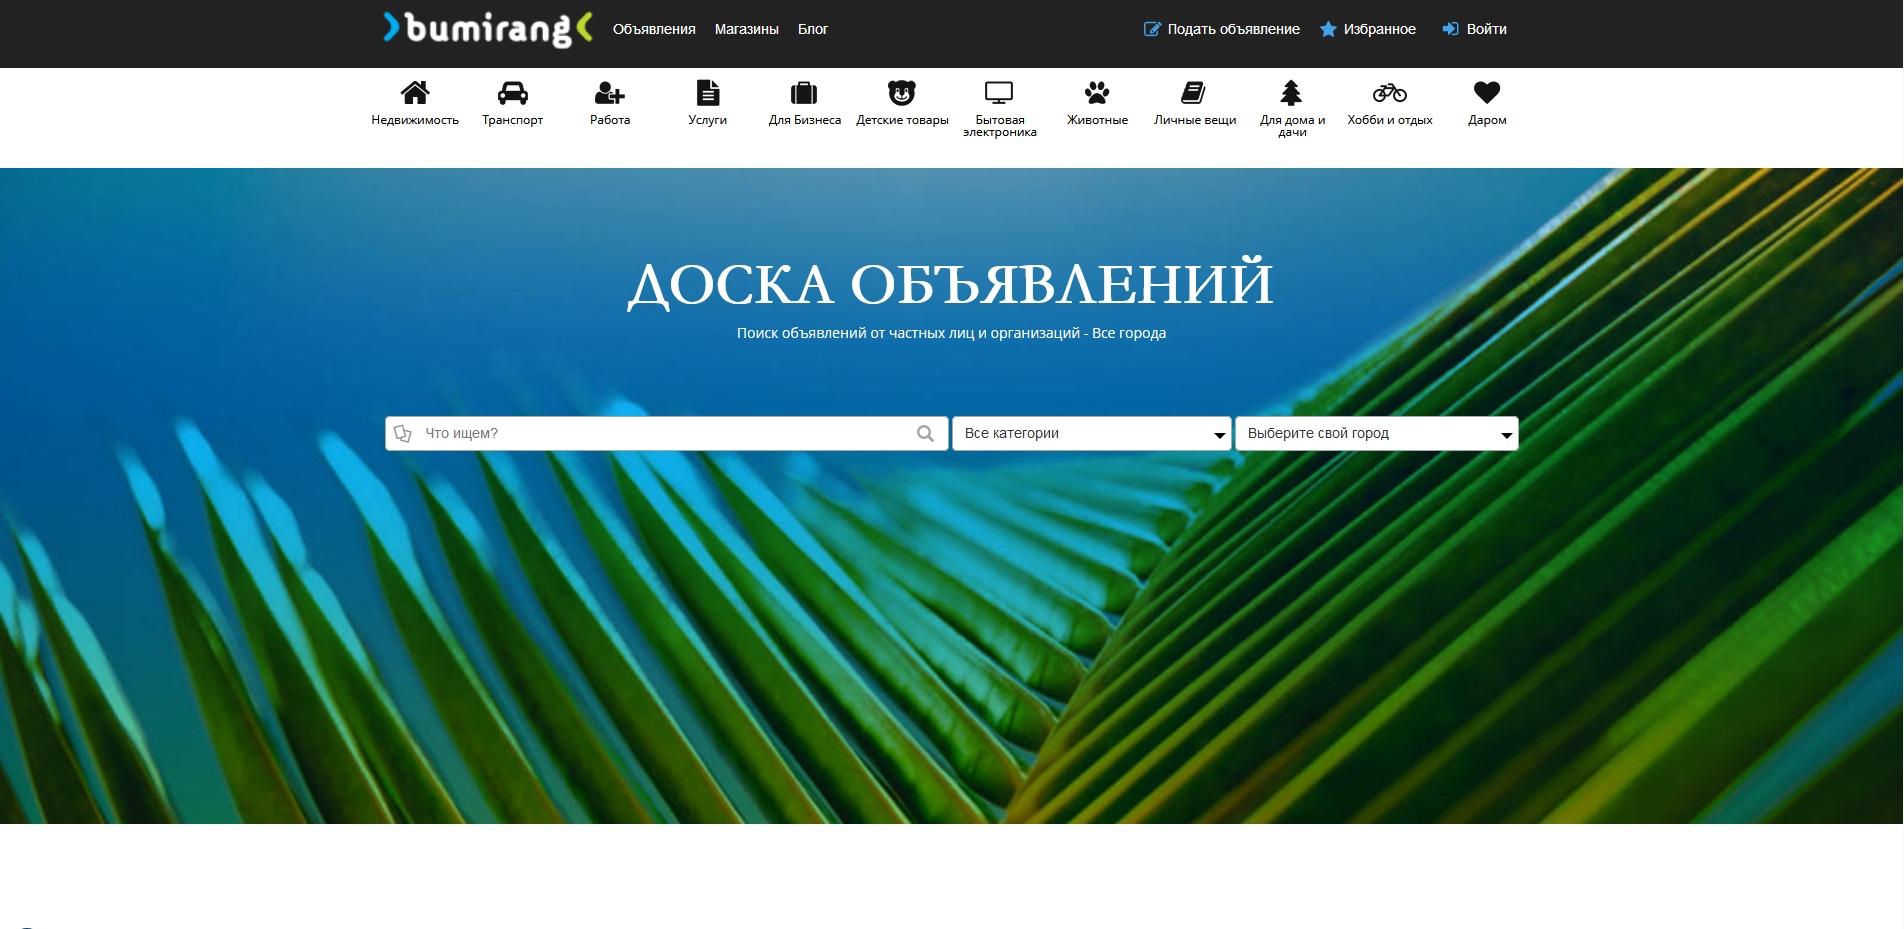 Сайт объявлений — Бумиранг